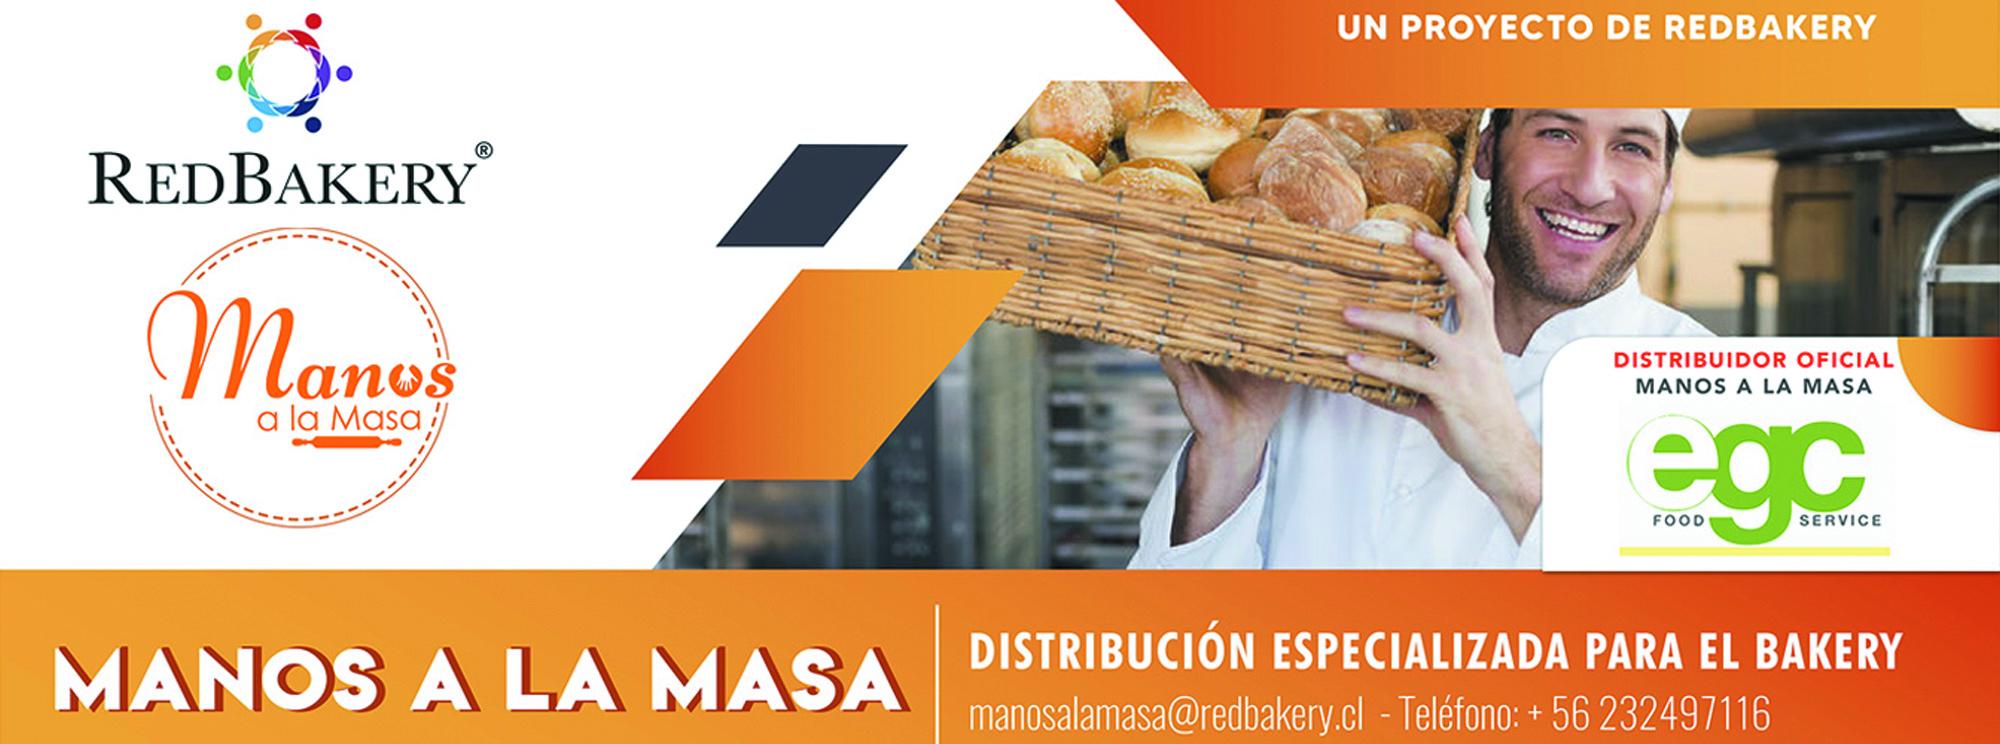 Manos a La Masa: Distribución Especializada para el Bakery